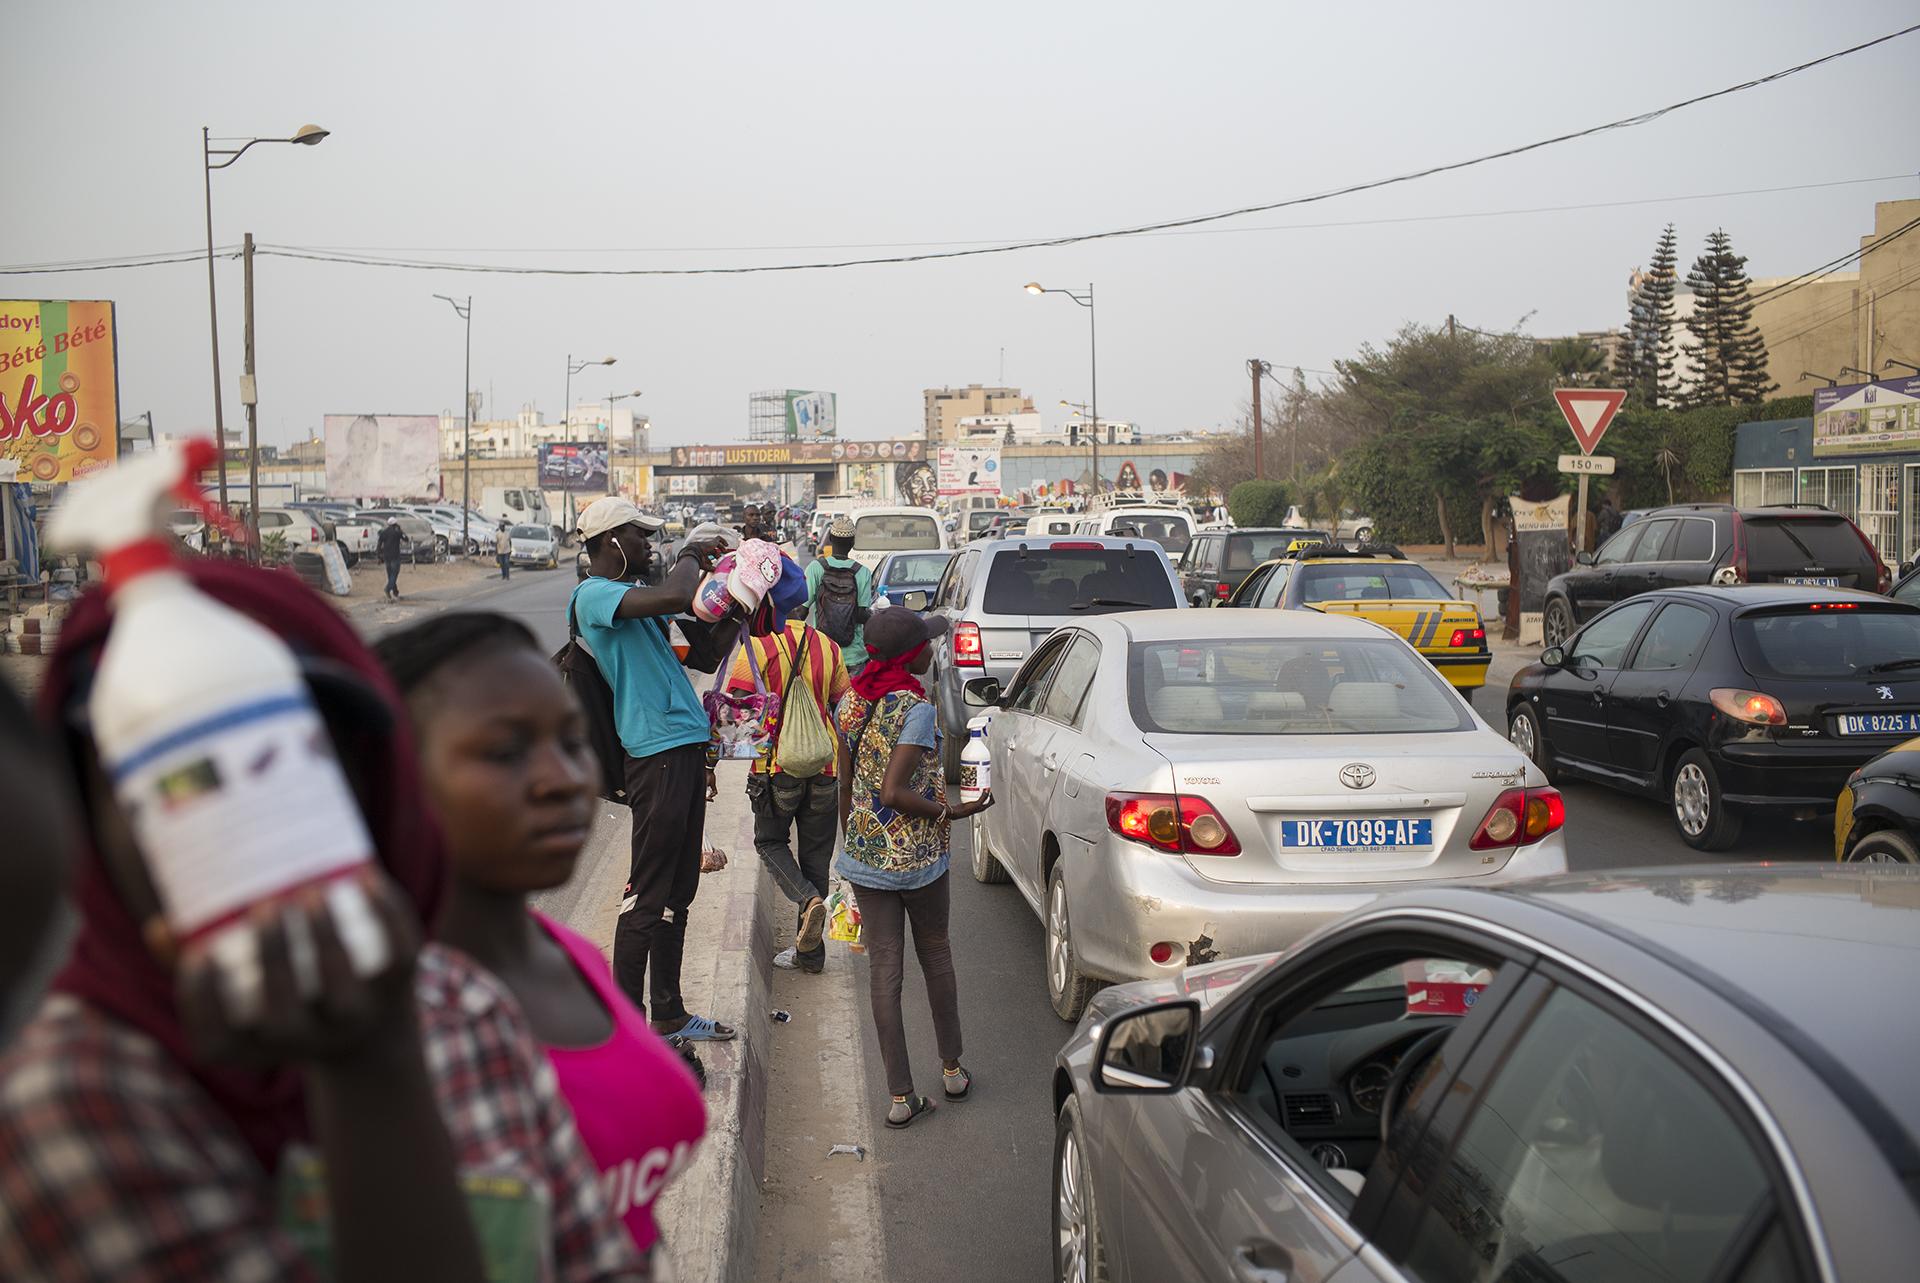 Circulation routière à Dakar, Sénégal. Mai 2017Marchands ambulants dans le trafic en fin de journée dans le quartier de Mermoze. A cette heure ci, ils sont nombreux entre les véhicules à vendre toutes sortes de choses